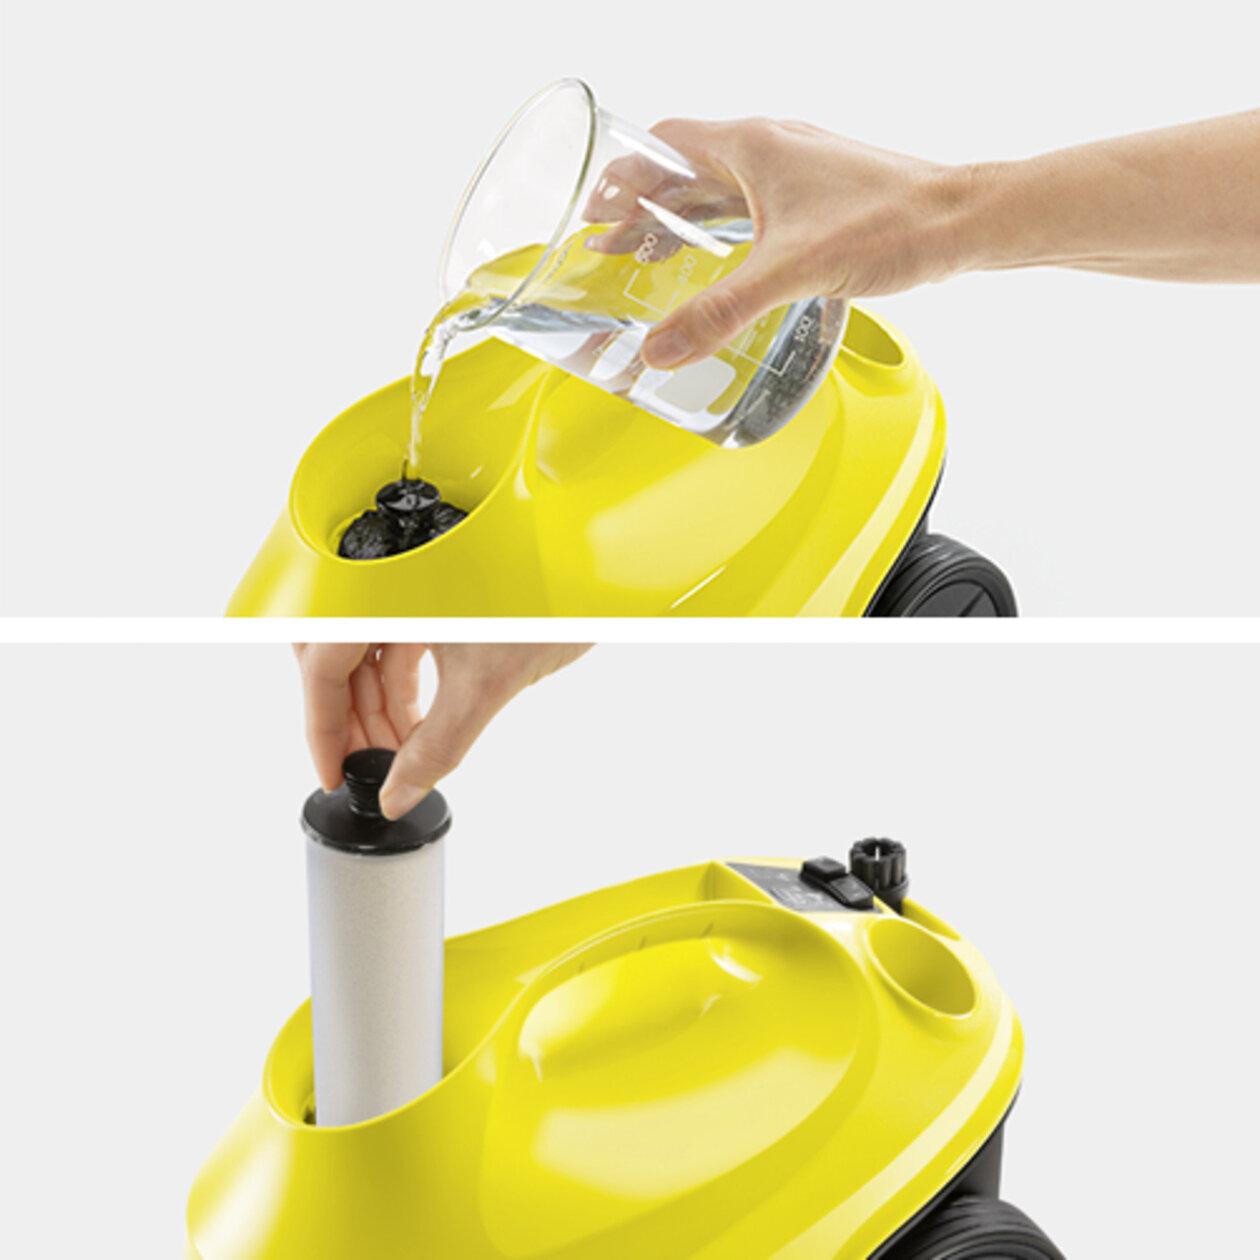 Пароочиститель SC 3 EasyFix + бутылка в подарок: Возможность доливки воды без перерыва в работе